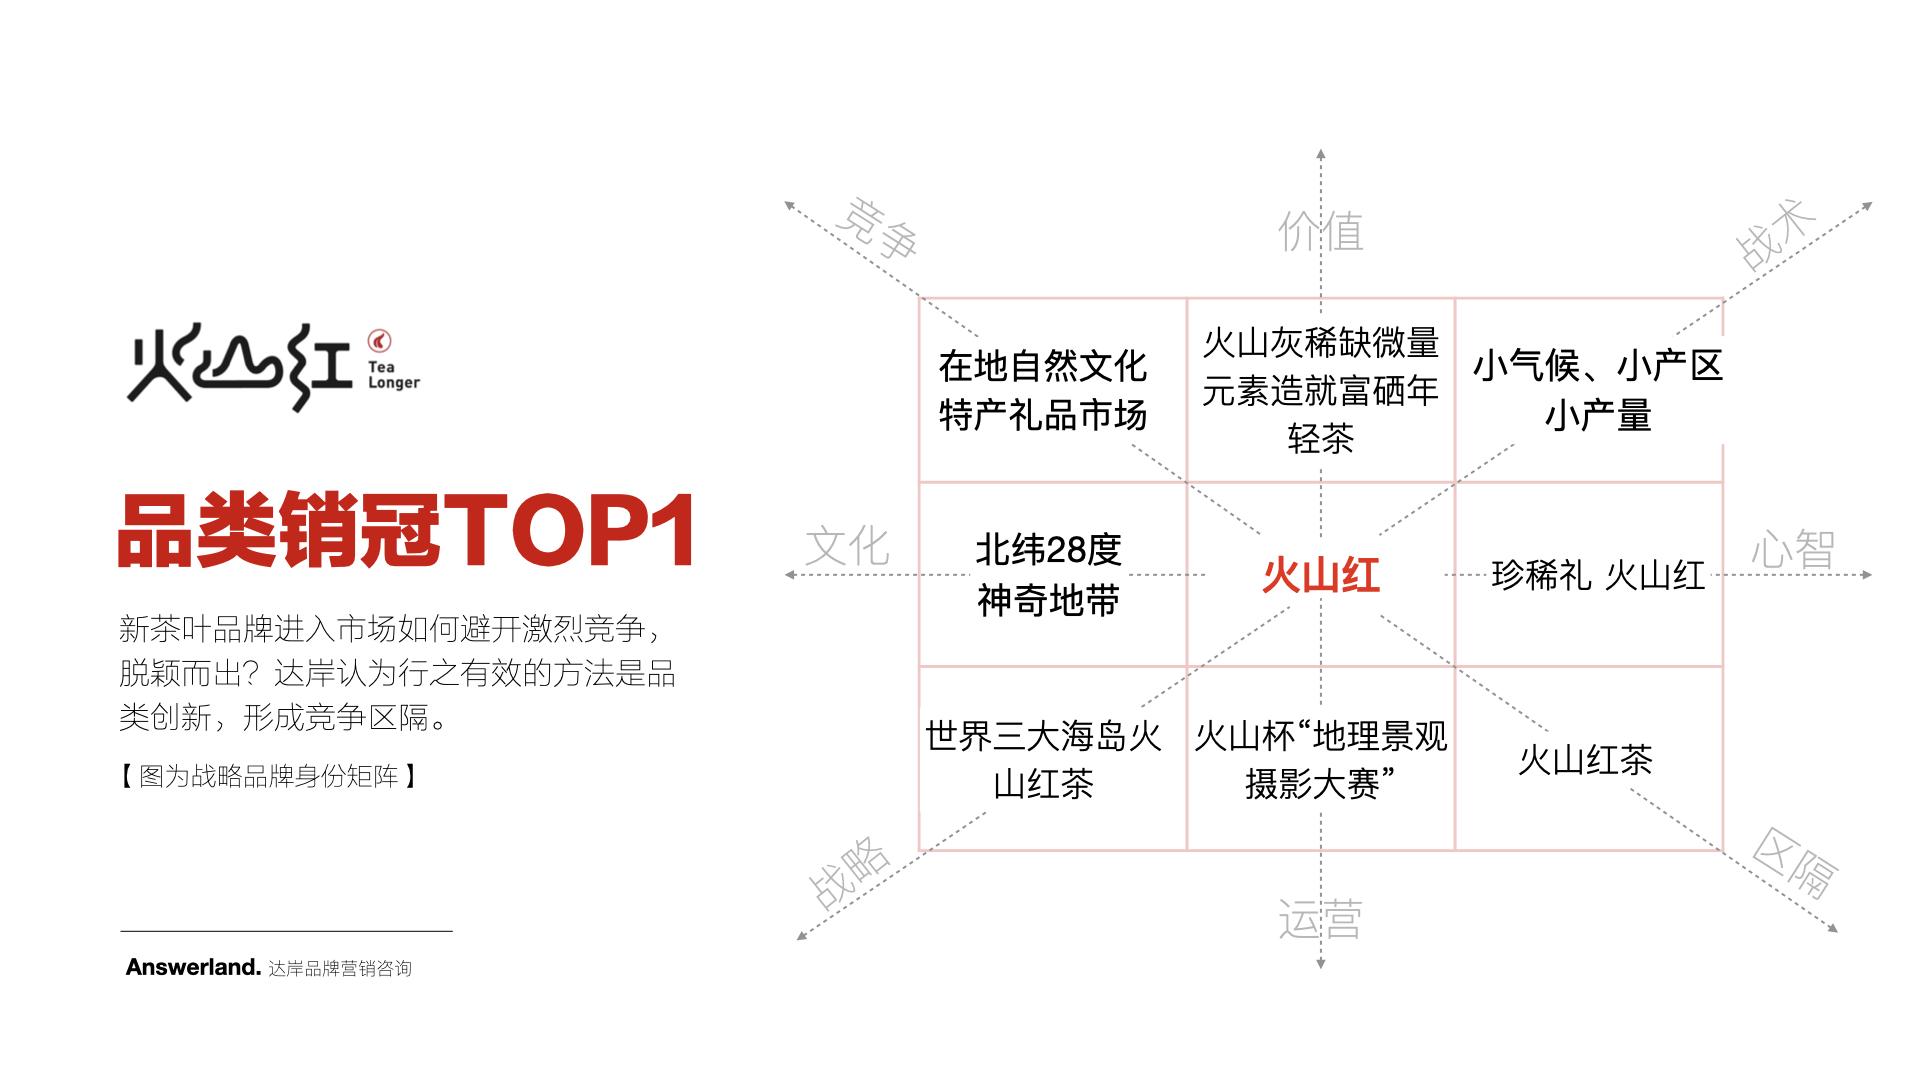 【公司-企业介绍】达岸品牌营销20200526.009